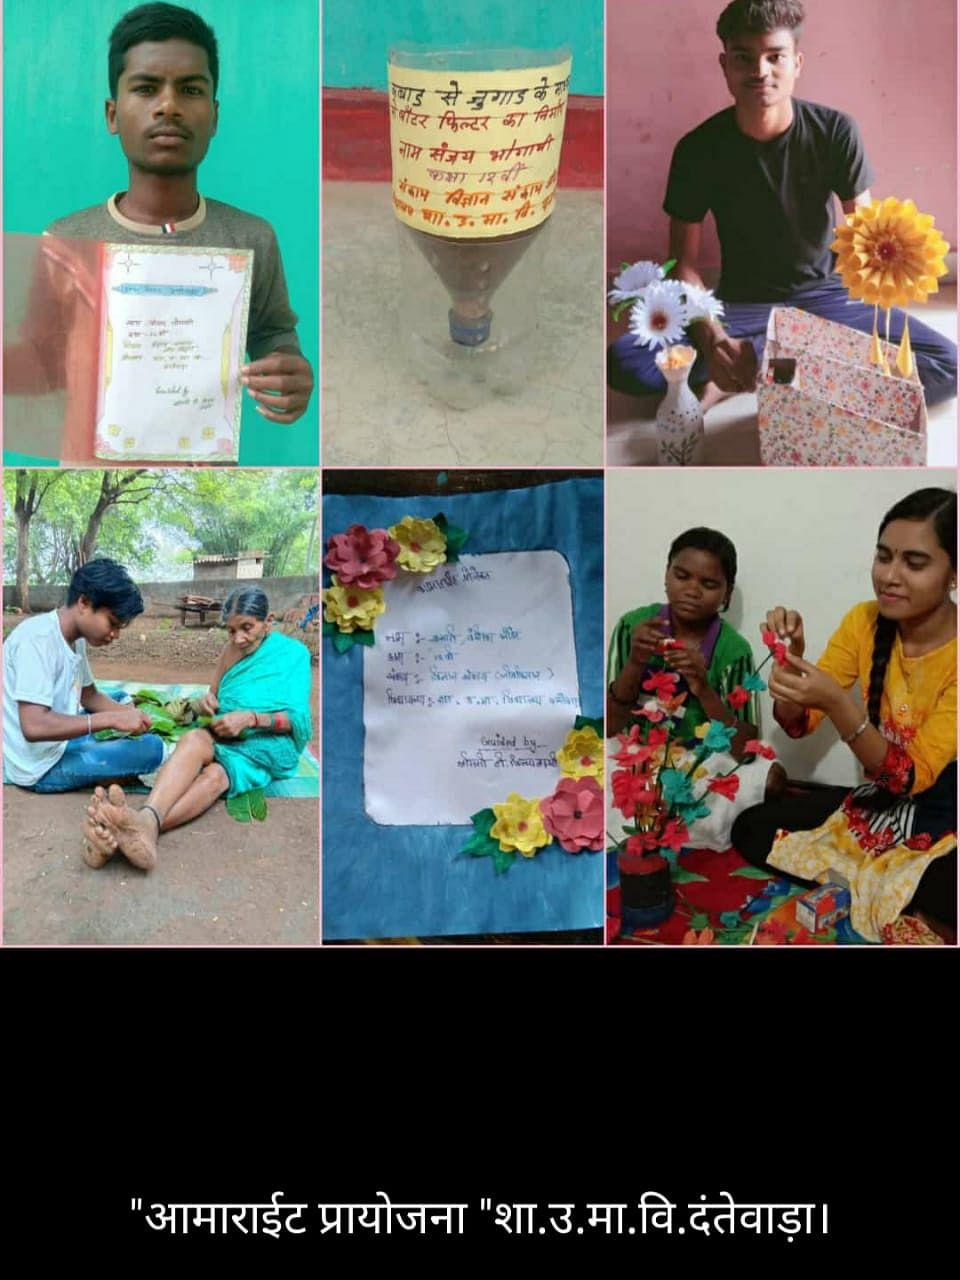 रायपुर : 'आमाराईट प्रायोजना' से संस्कृति व परंपरा के साथ शैक्षिक विकास